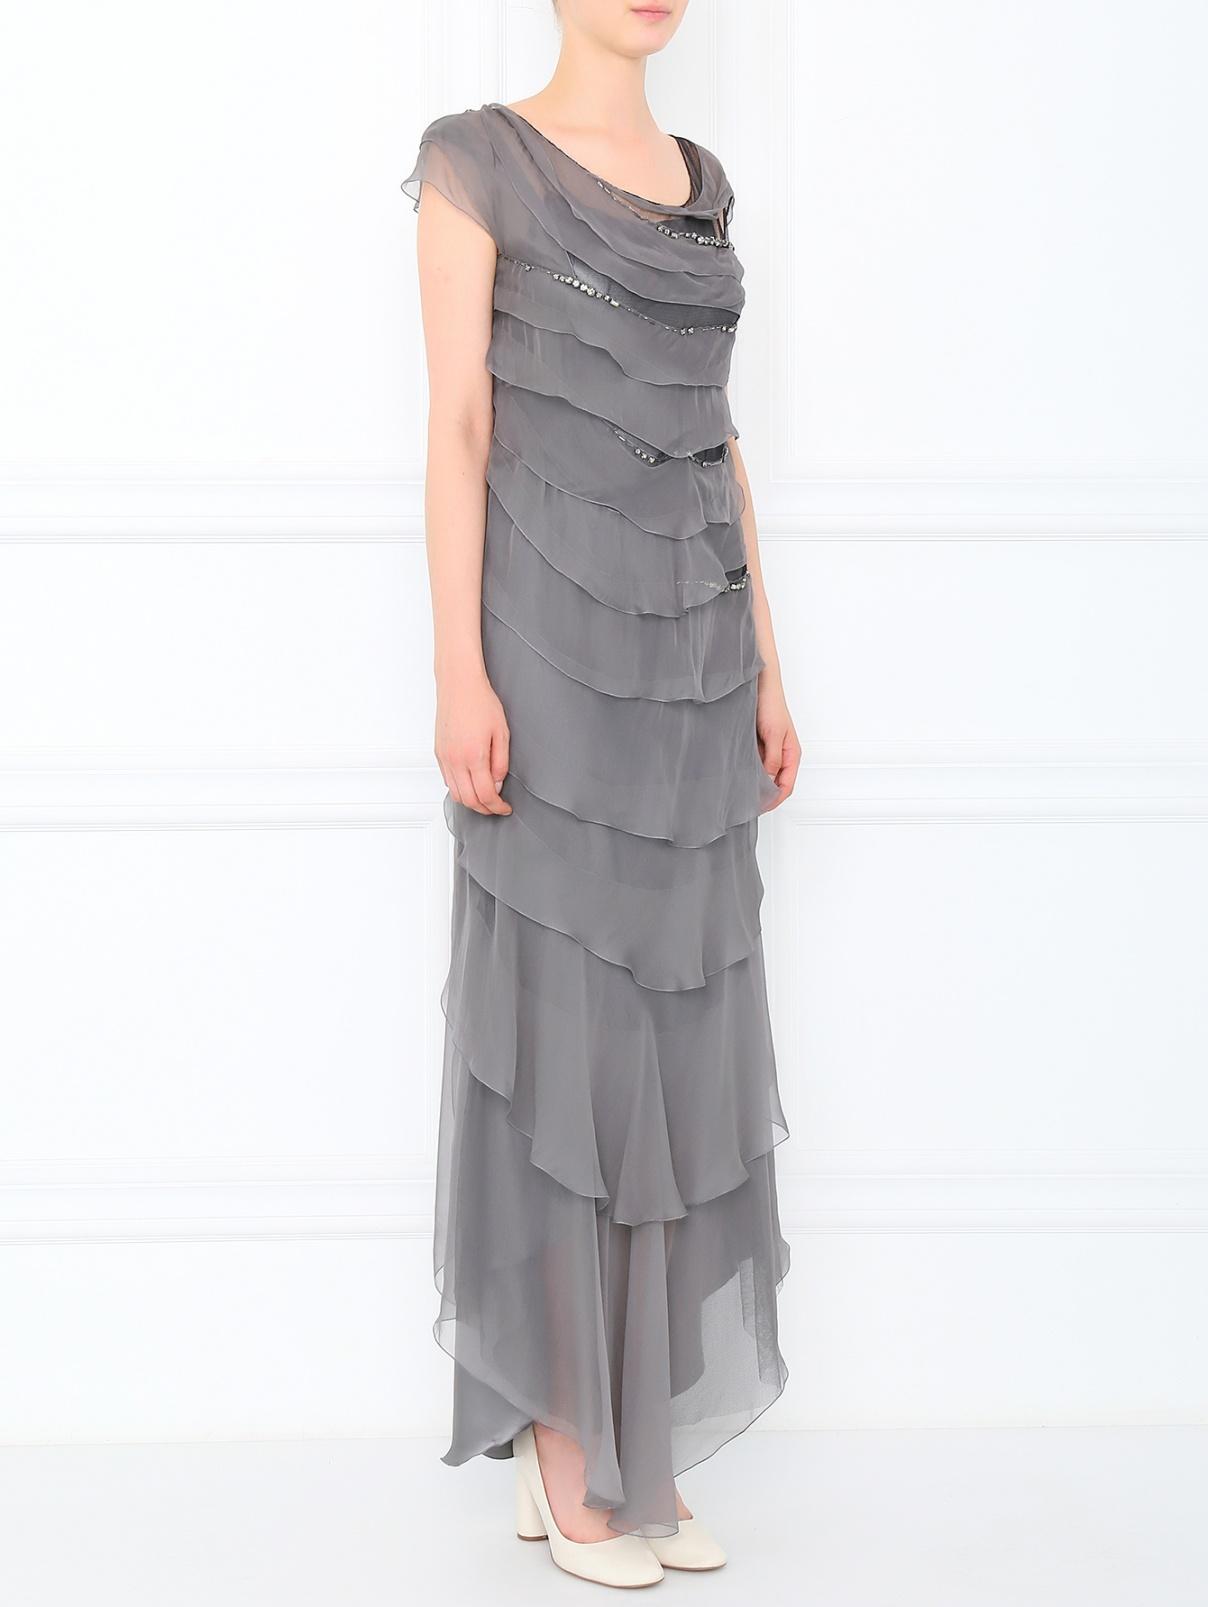 Платье-макси из шелка ассиметричное с камнями Alberta Ferretti  –  Модель Общий вид